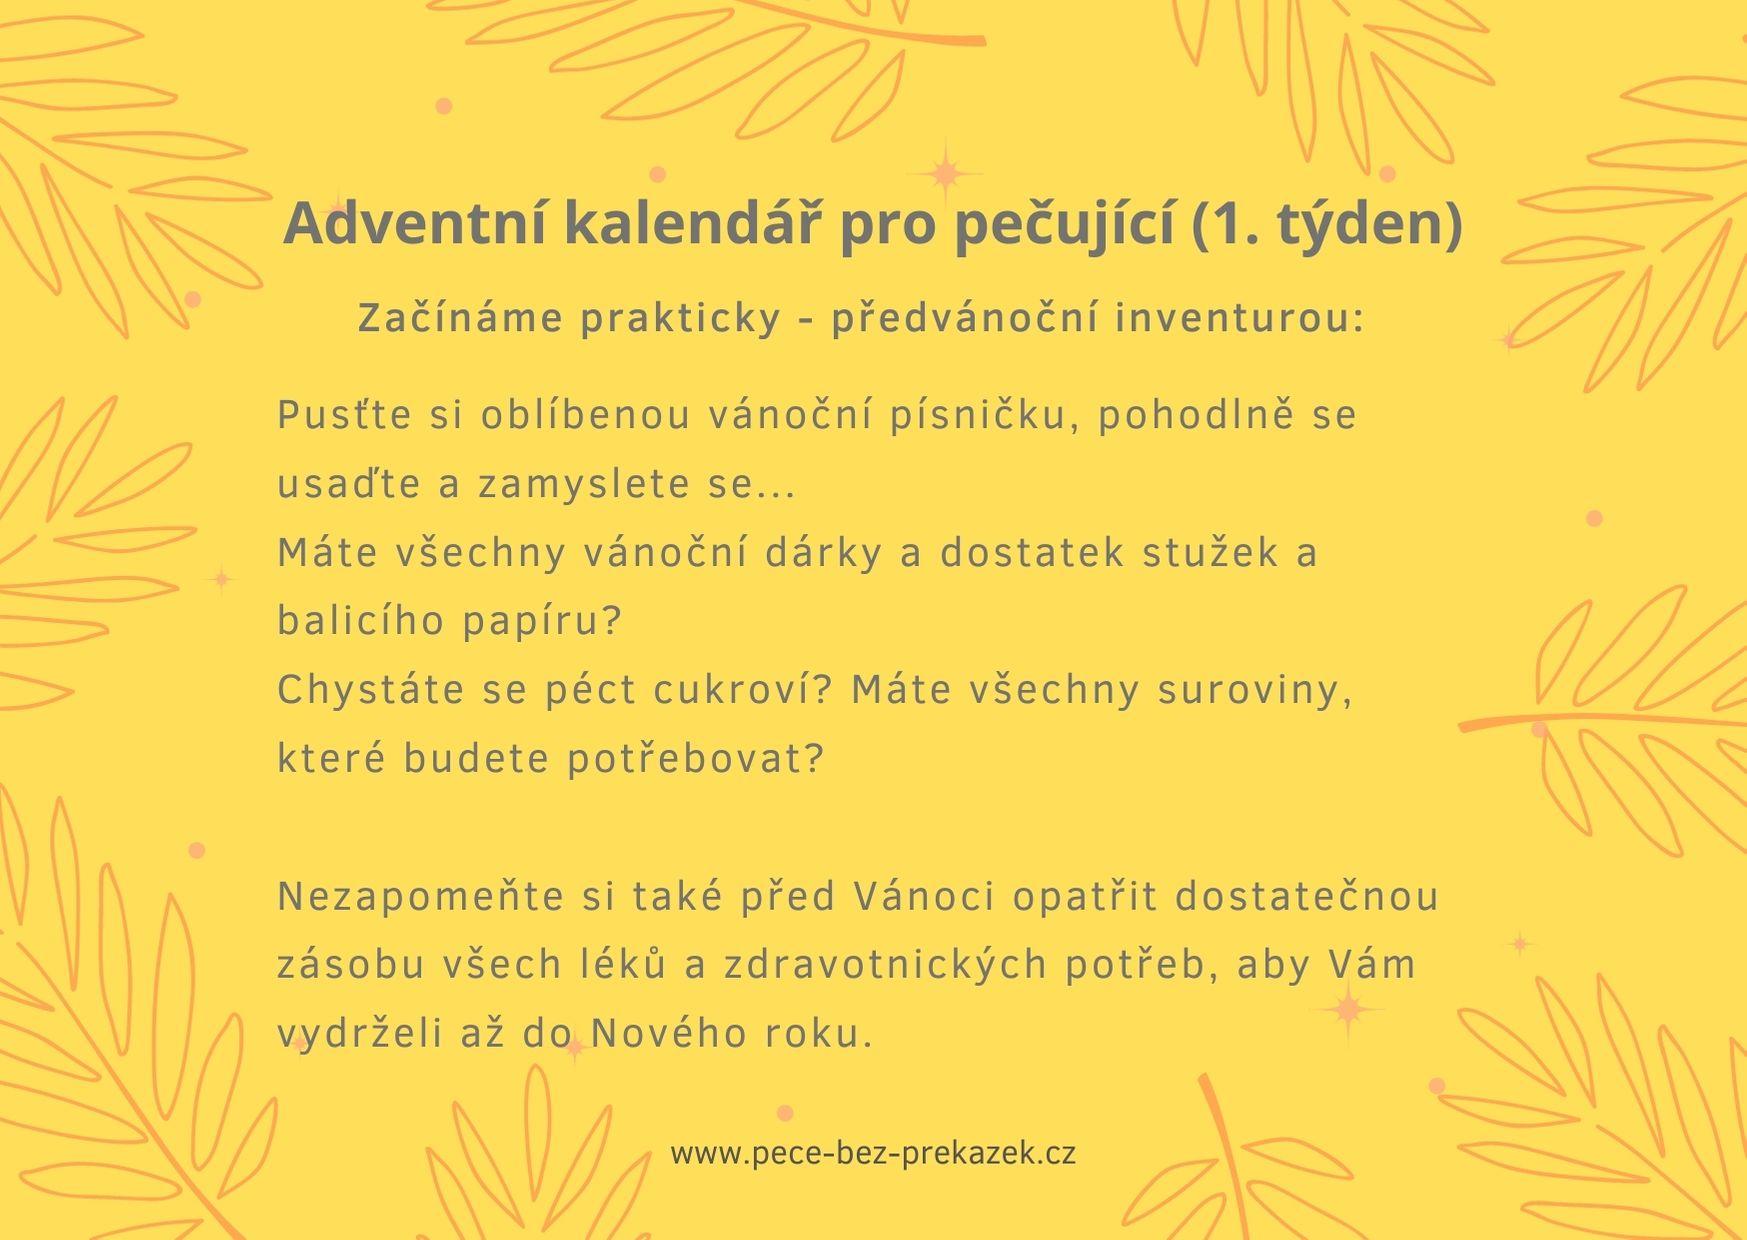 V obrázku je text Adventní kalendář pro pečující (1. týden)